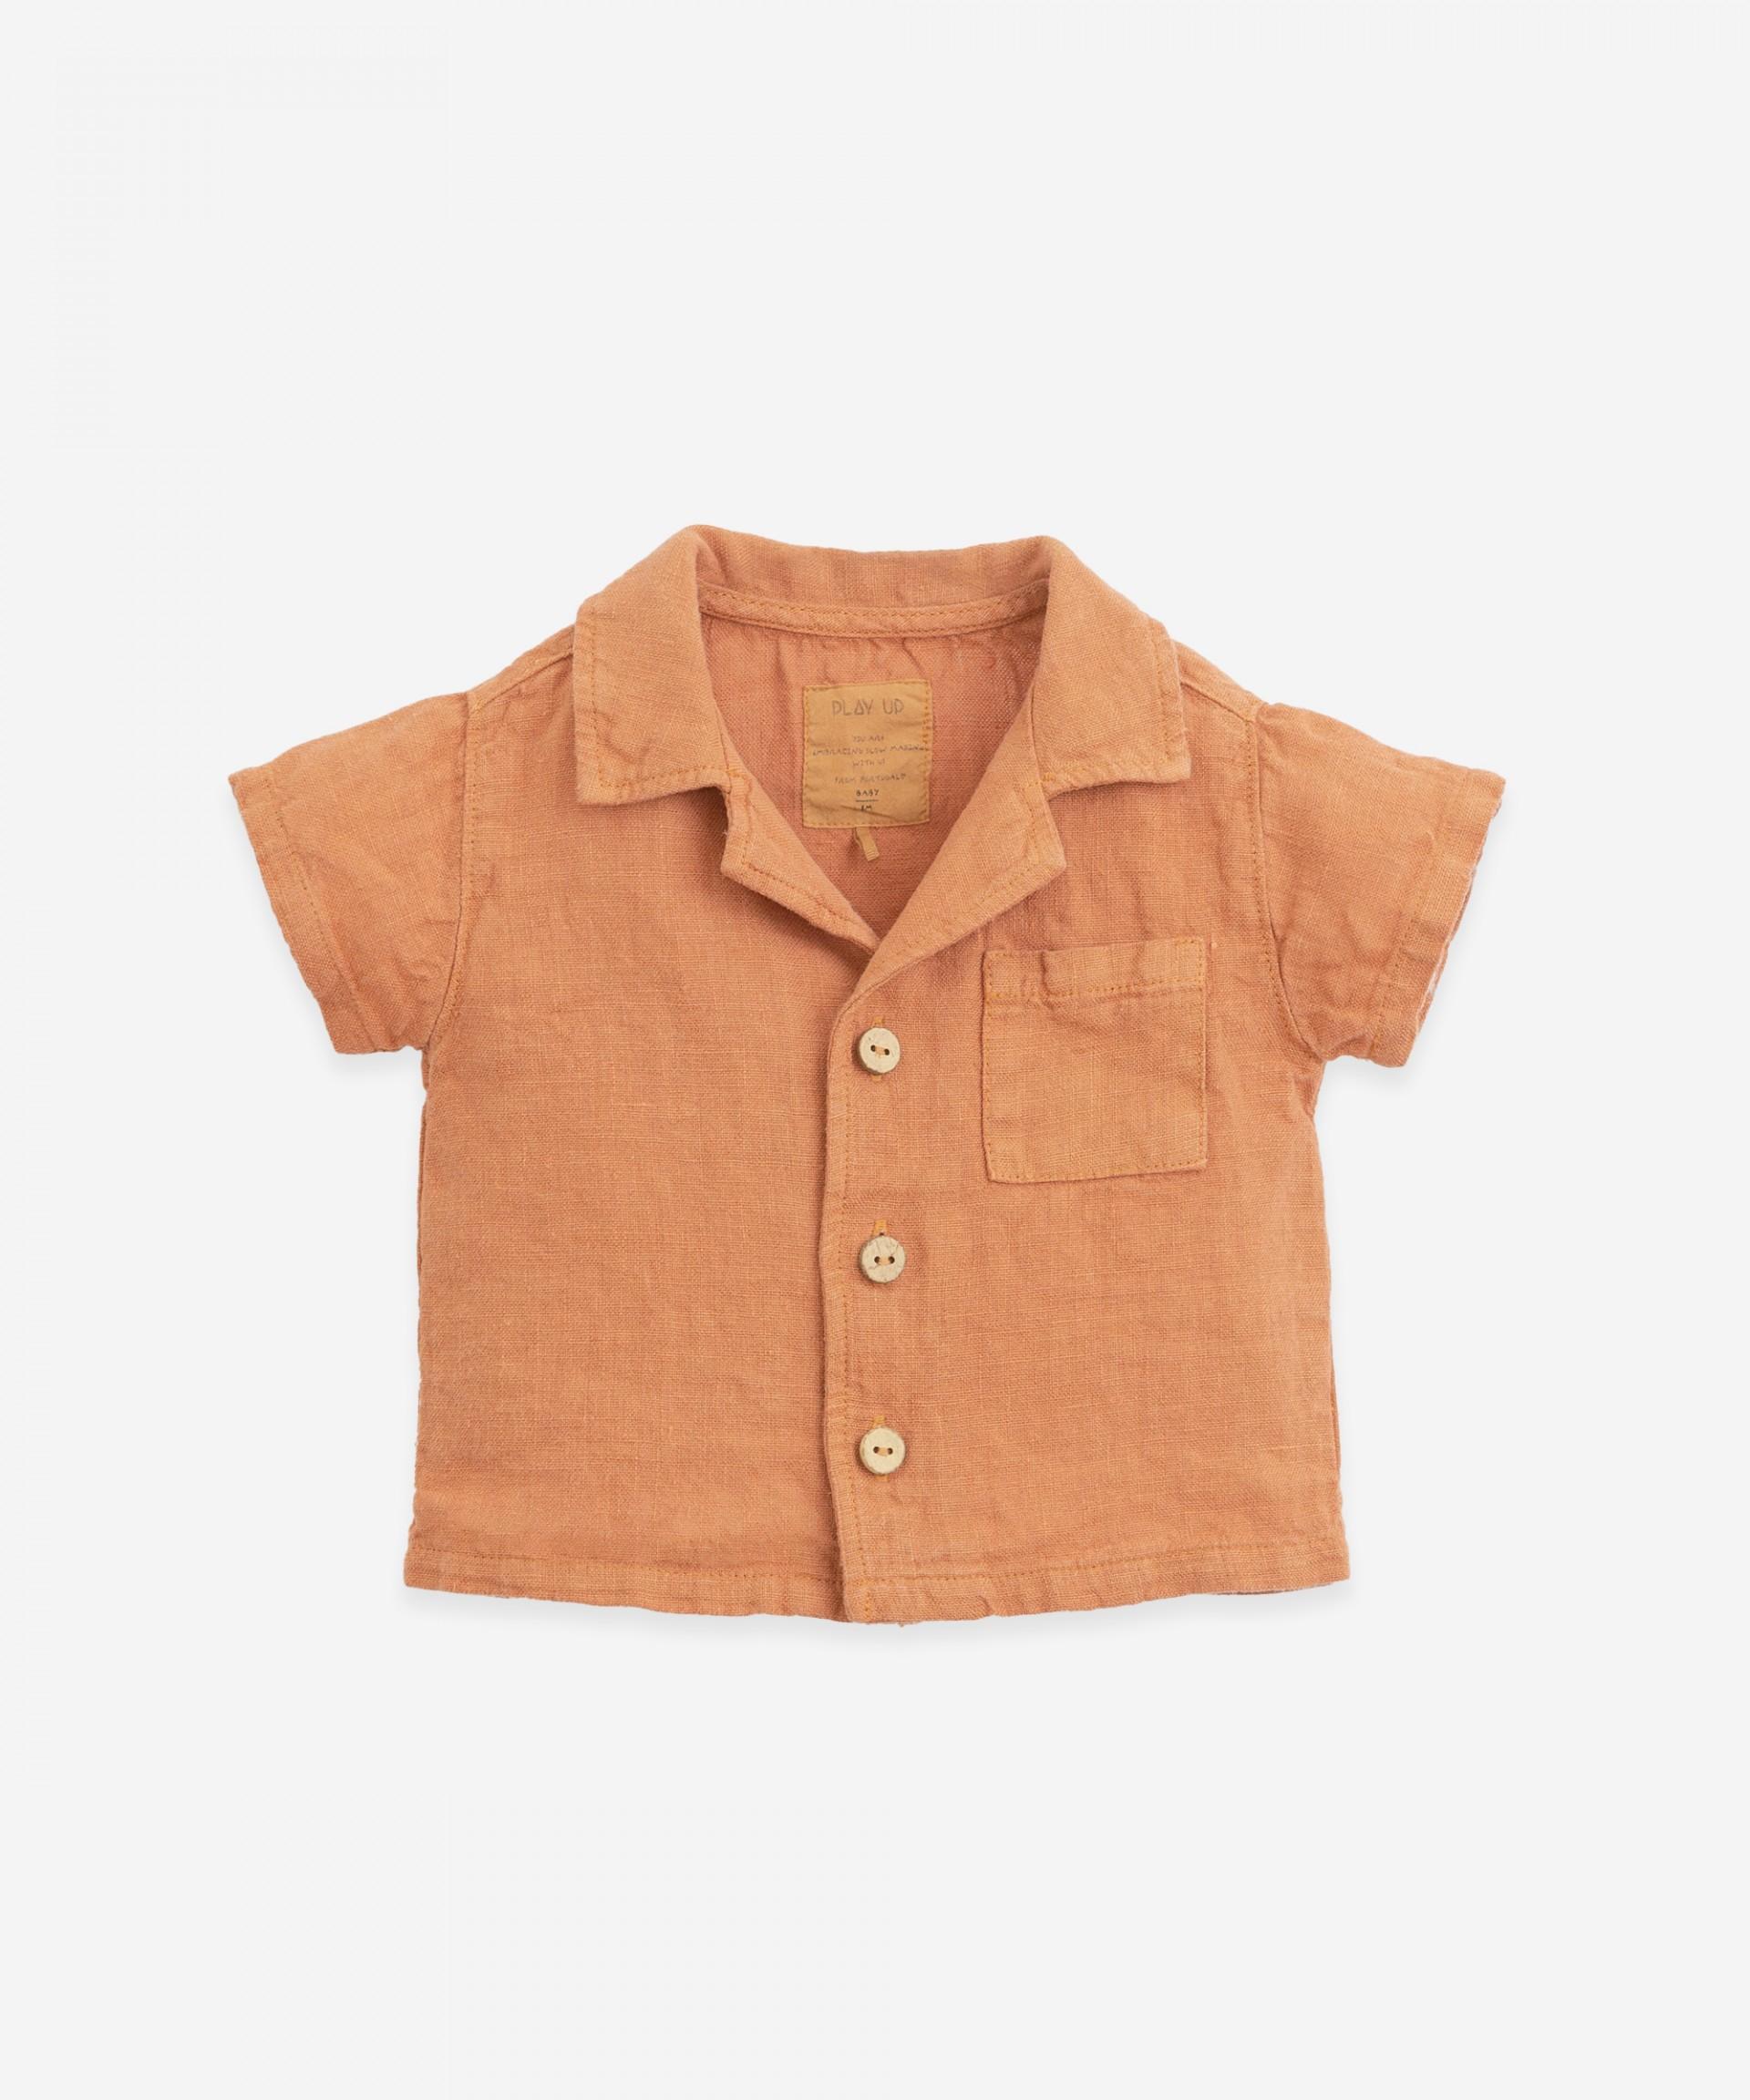 Camicia di lino con bottoni in cocco | Botany